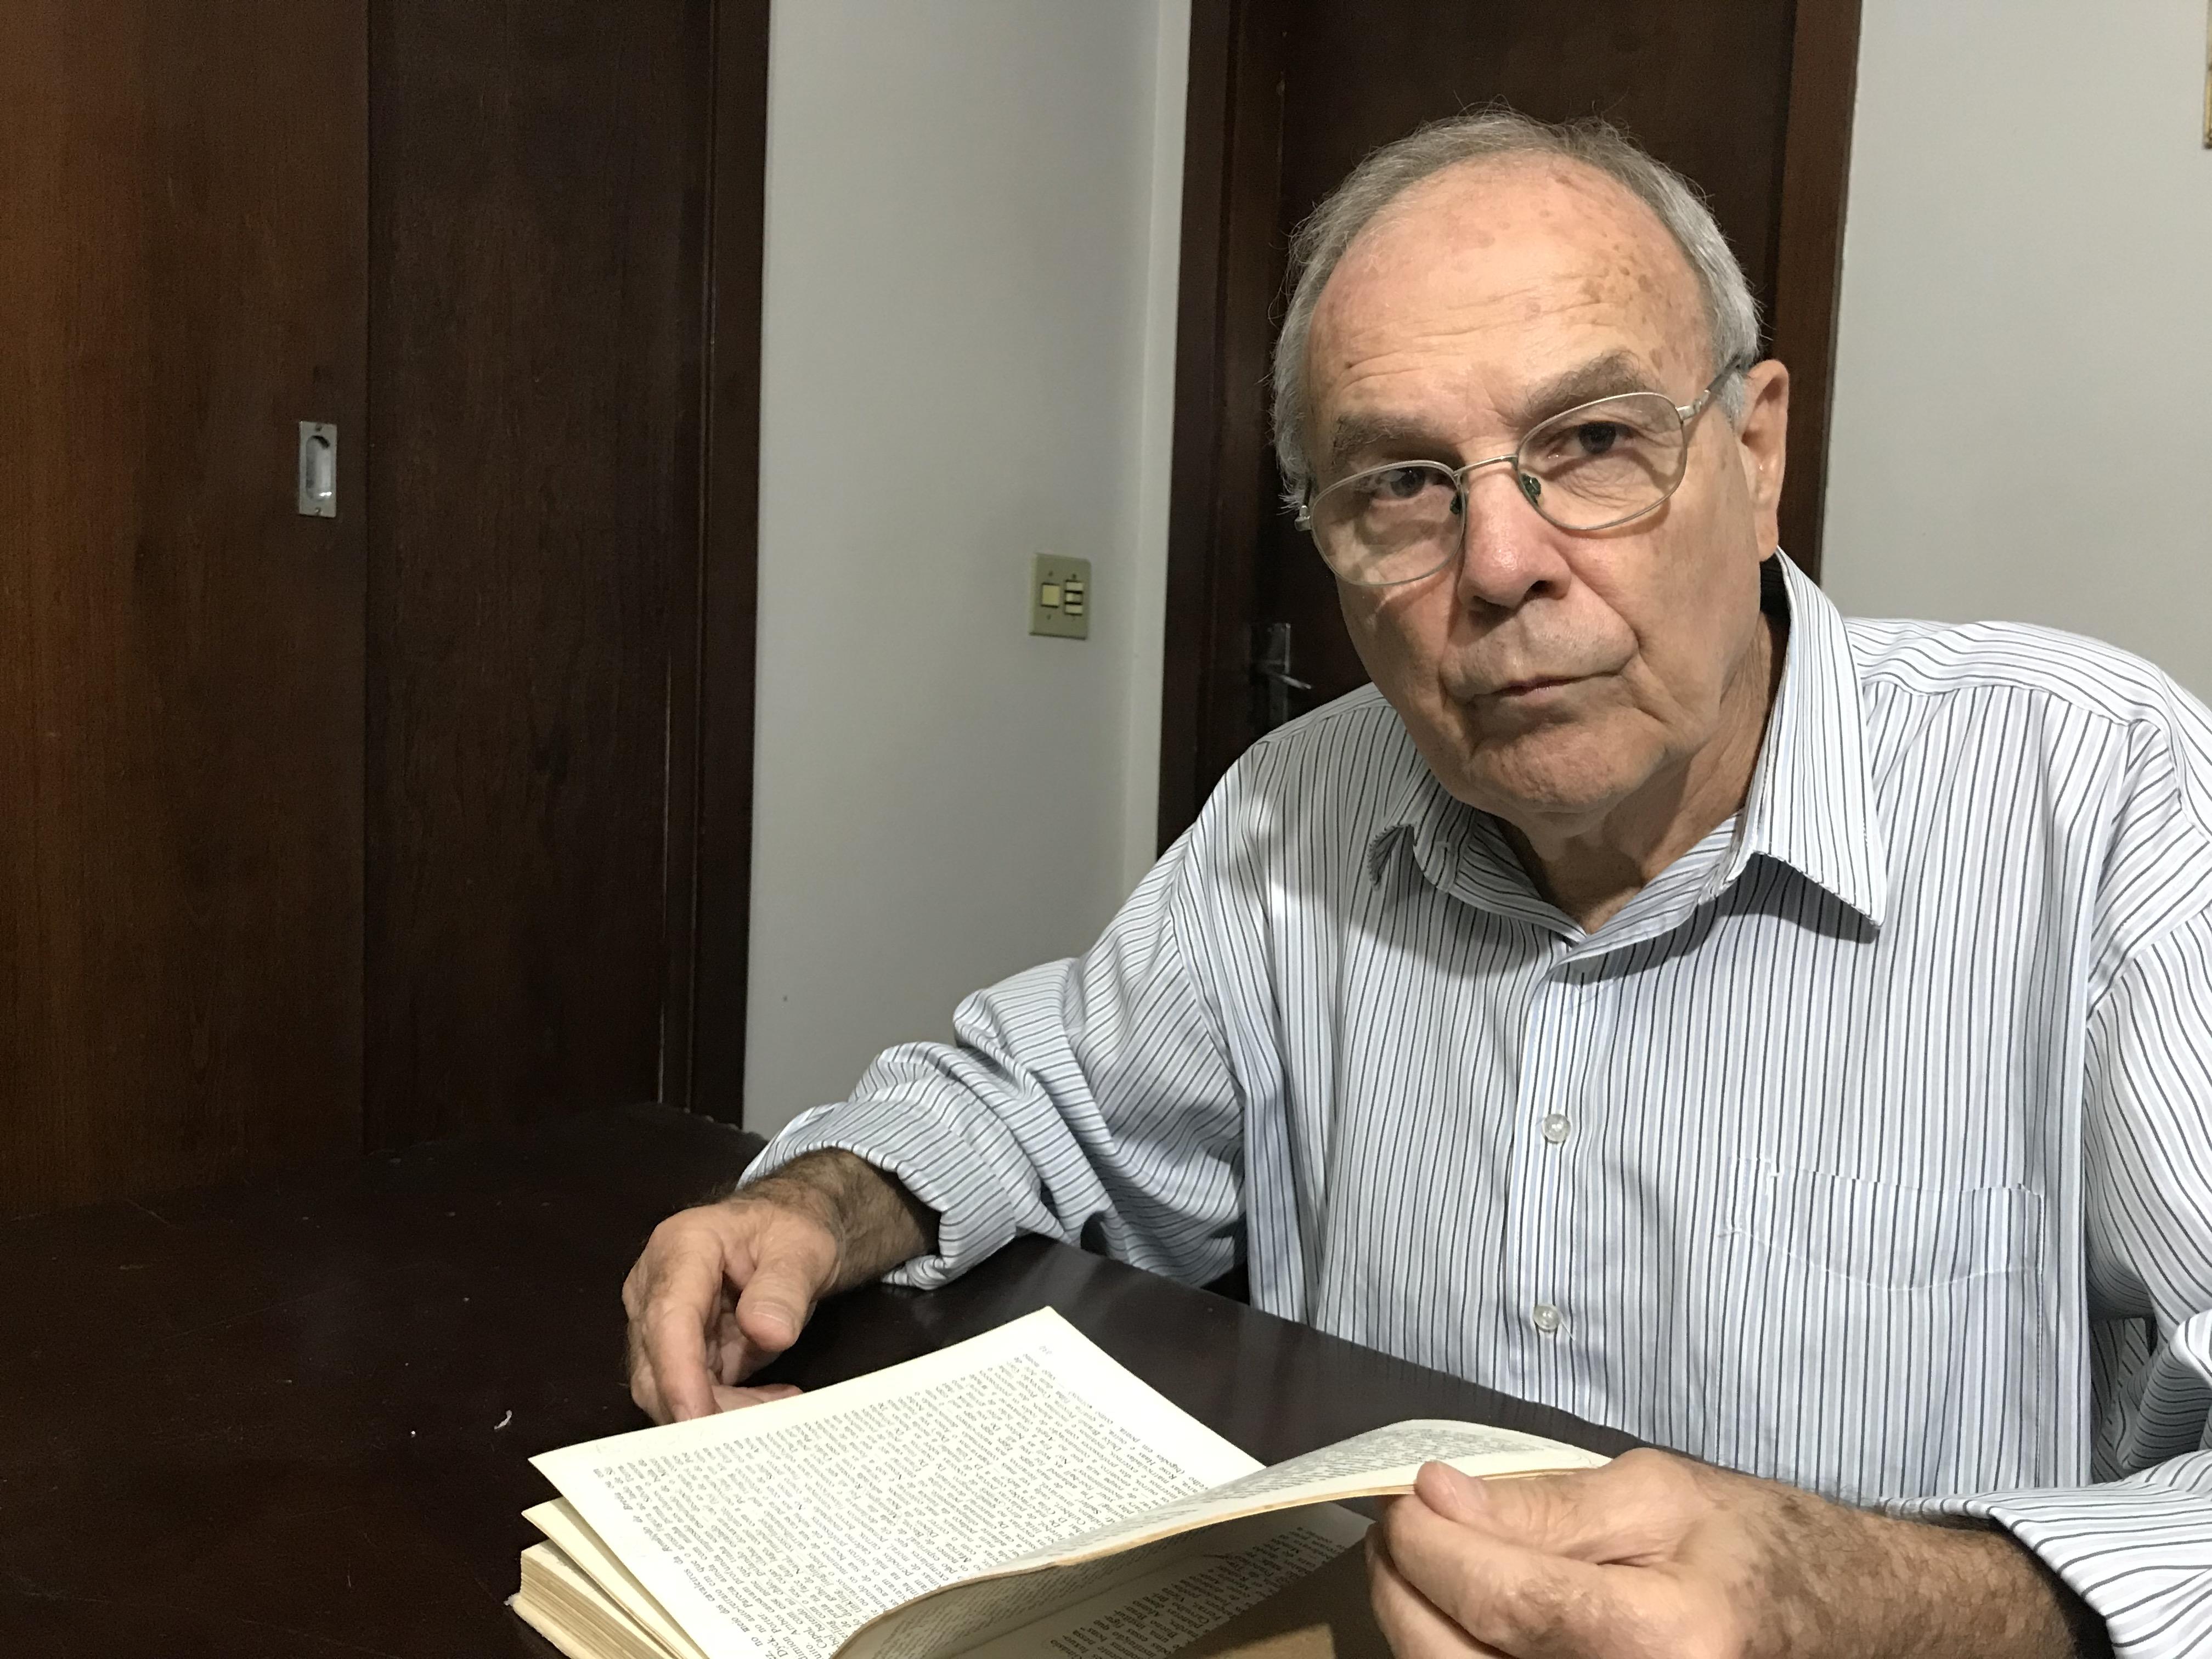 Antônio Sérgio Bueno, professor de literatura da UFMG, analisará as obras de Pedro Nava. Foto: Arquivo pessoal